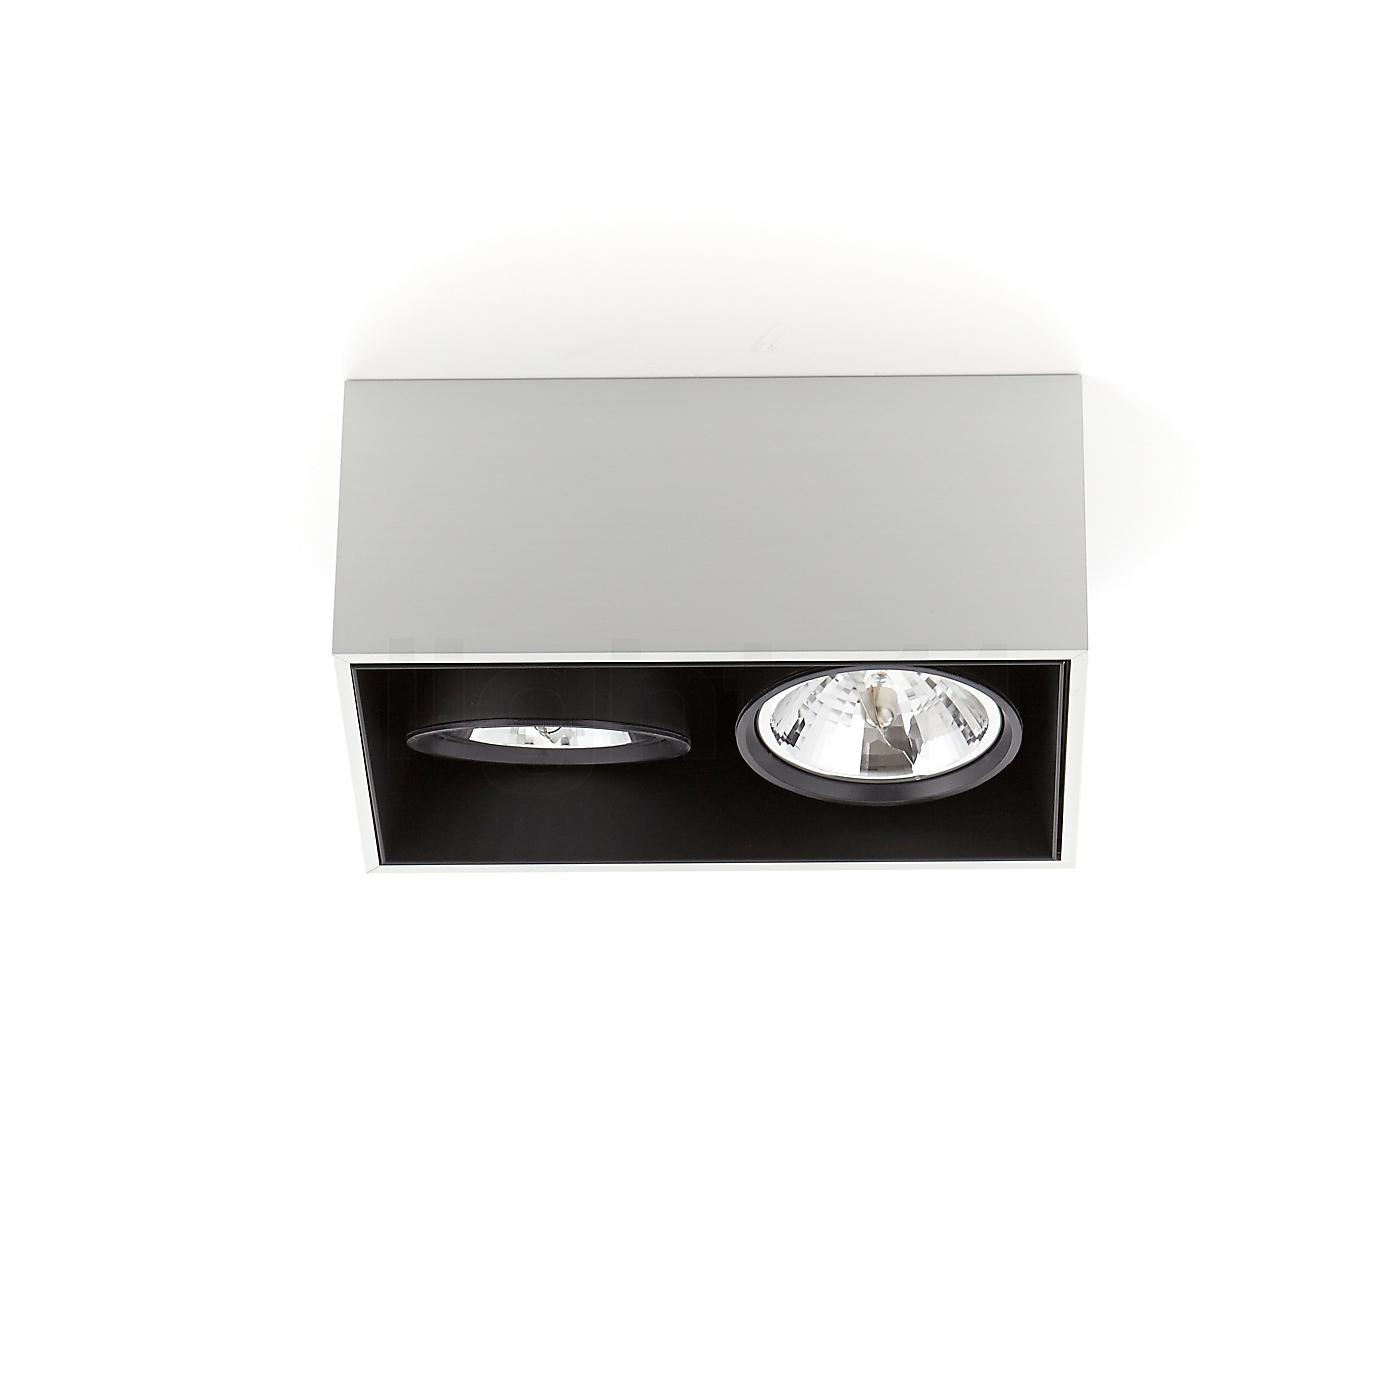 flos compass box 2 h135 qr111 loftslamper lamper. Black Bedroom Furniture Sets. Home Design Ideas